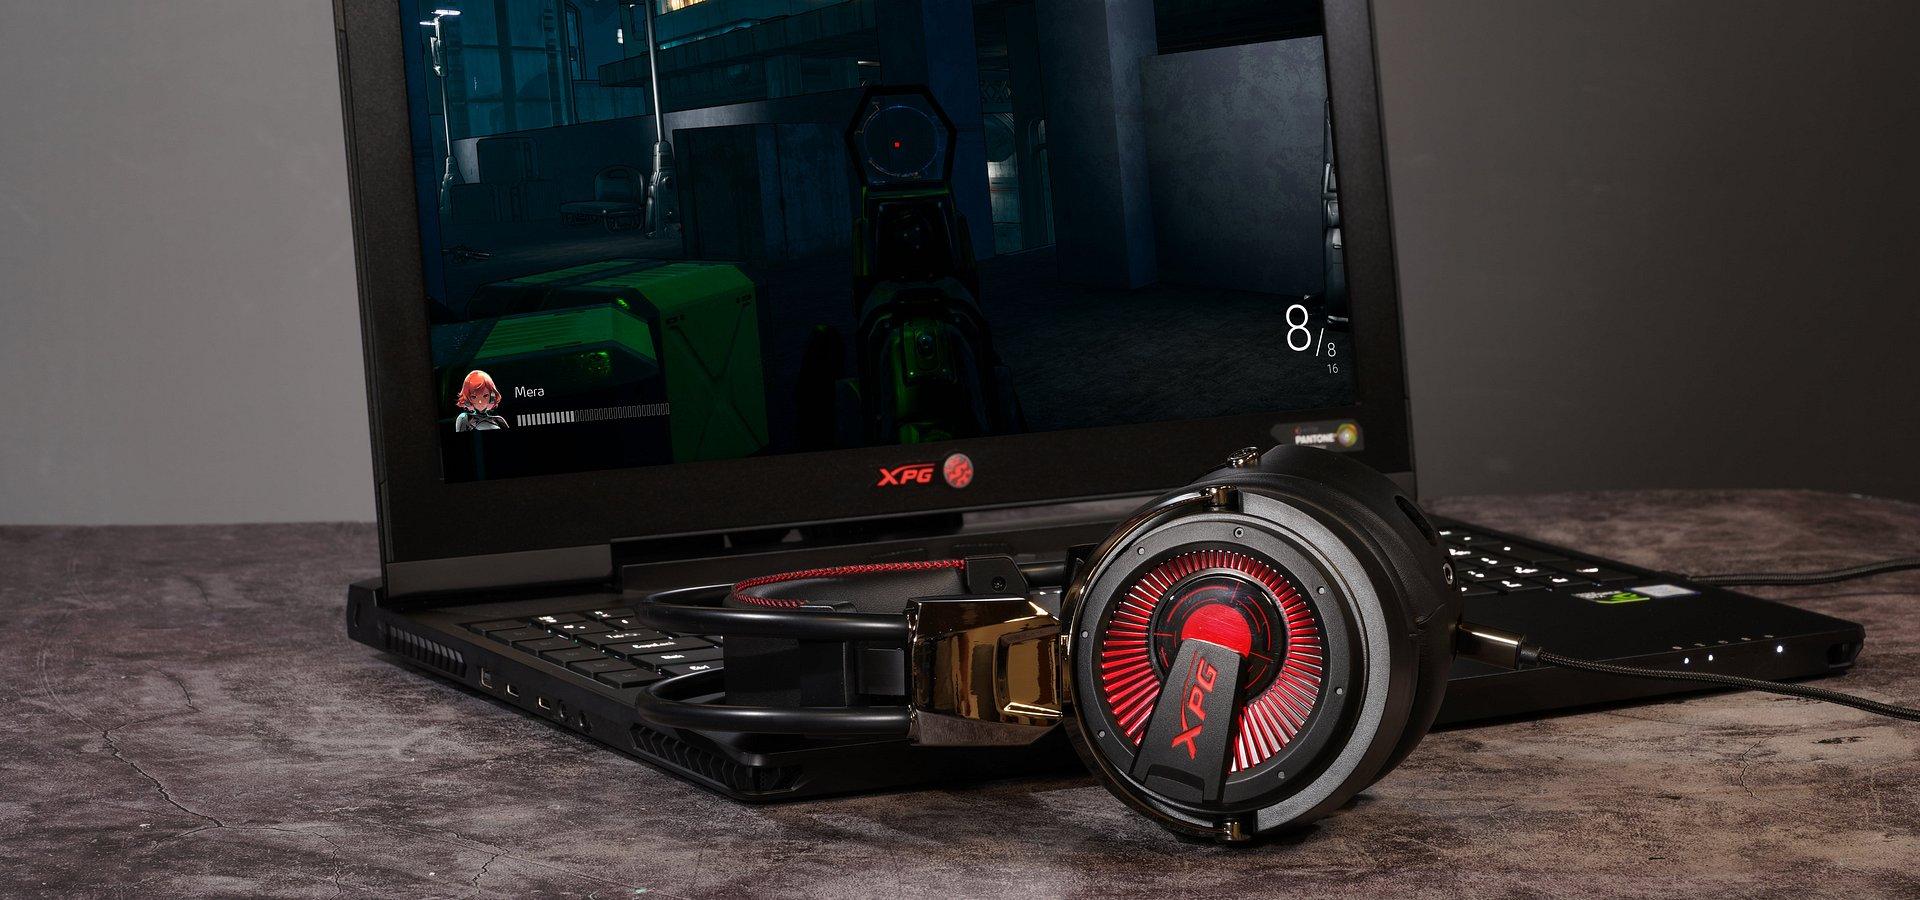 XPG Precog - pierwsze na świecie słuchawki gamingowe z dwoma rodzajami przetworników